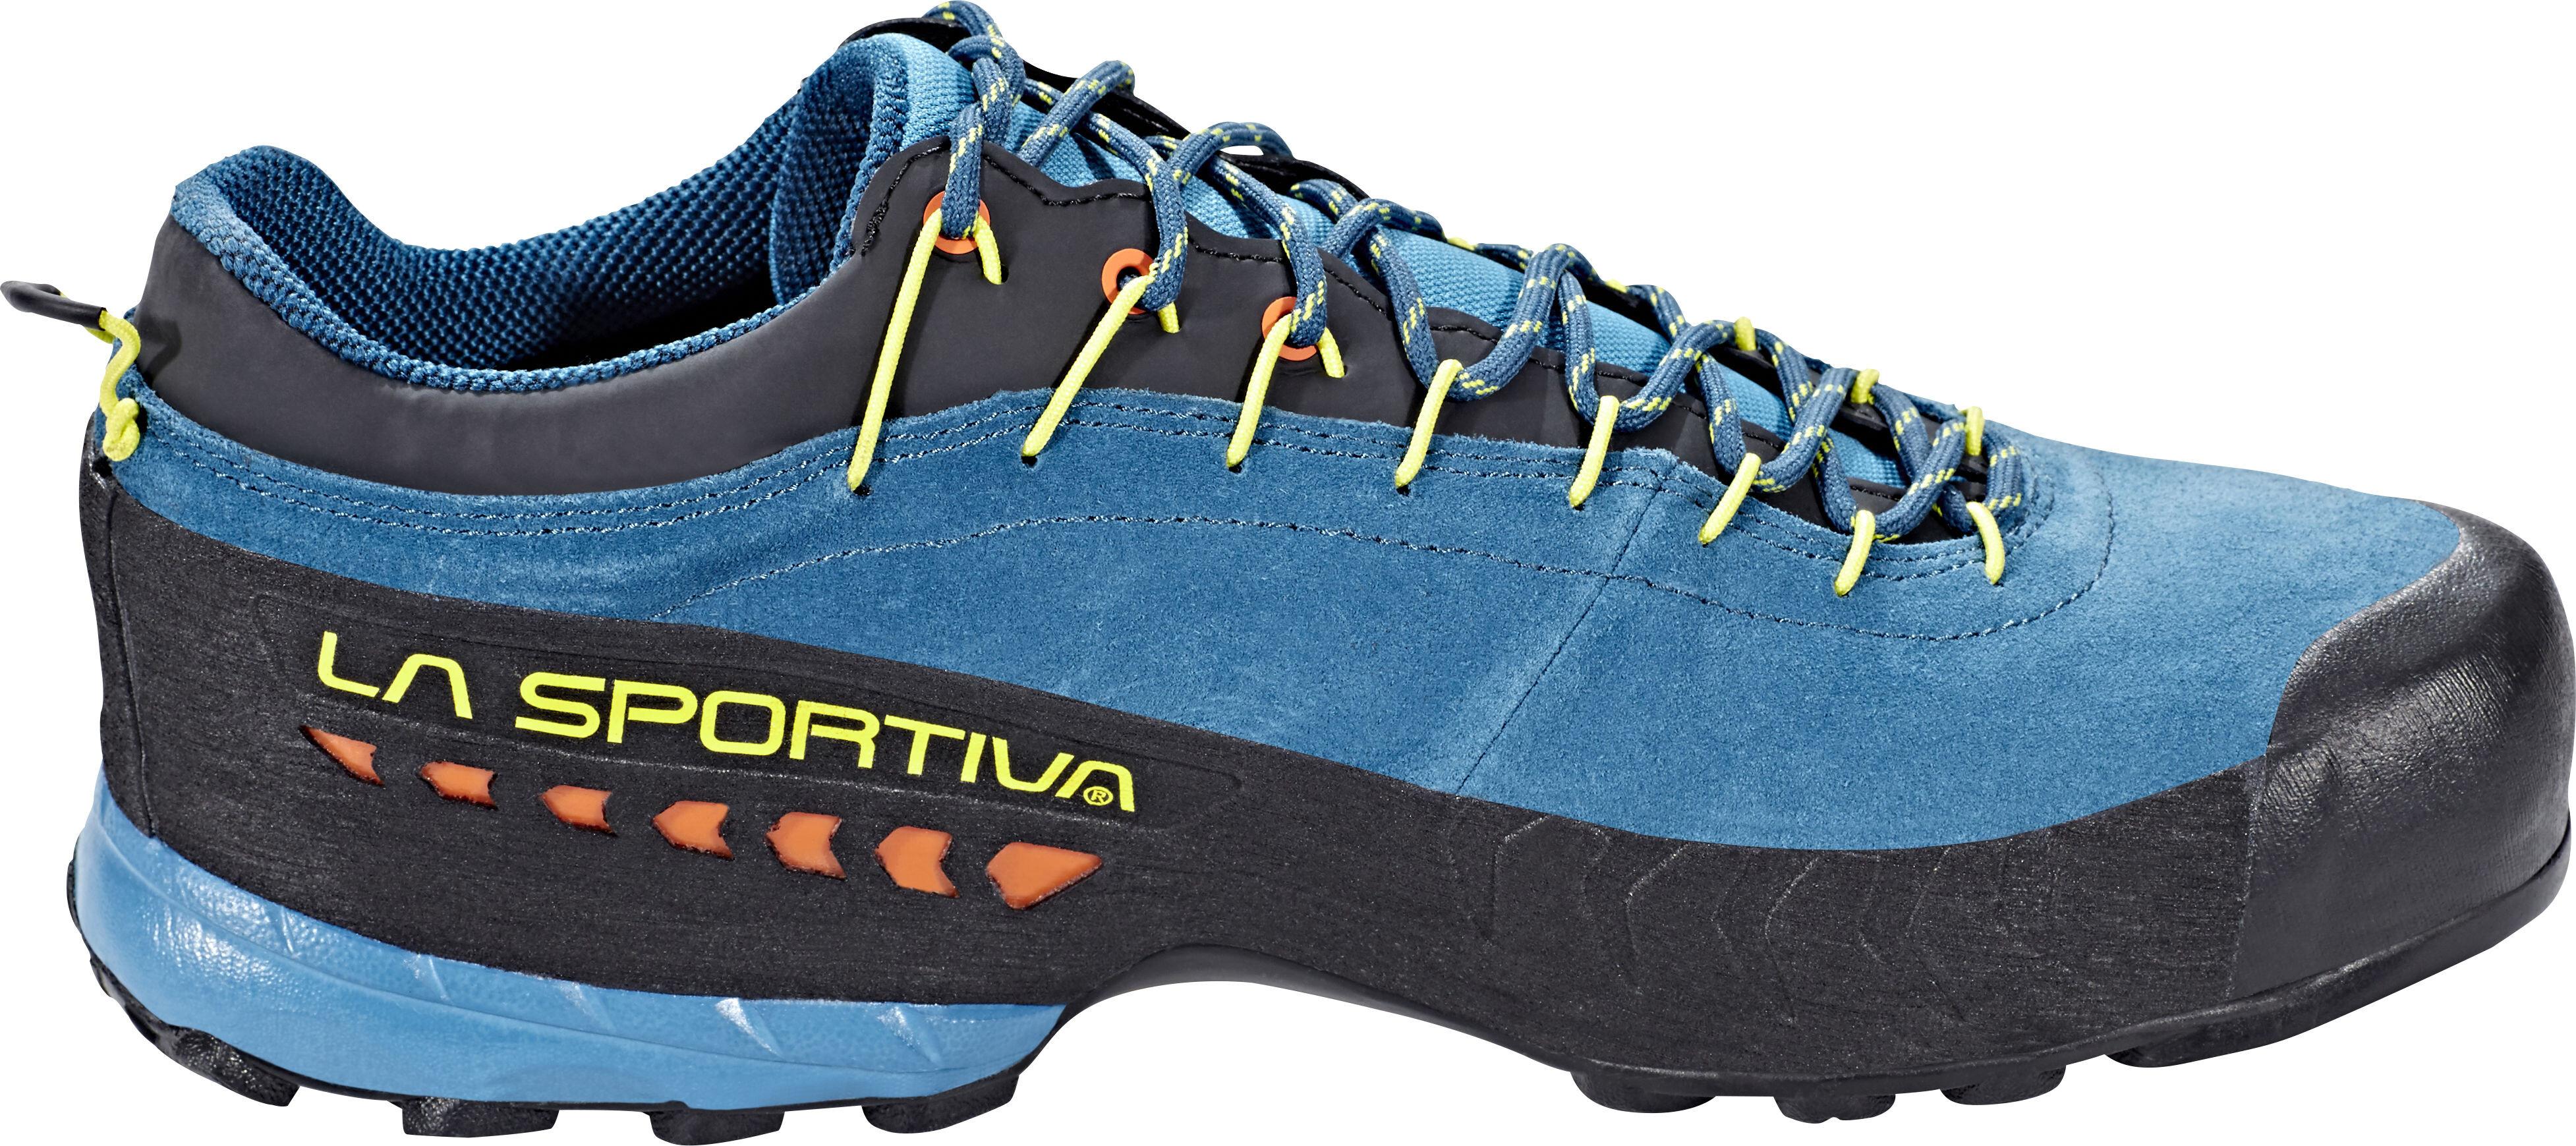 b20fad51ac34d La Sportiva TX4 GTX - Chaussures Homme - bleu noir sur CAMPZ !